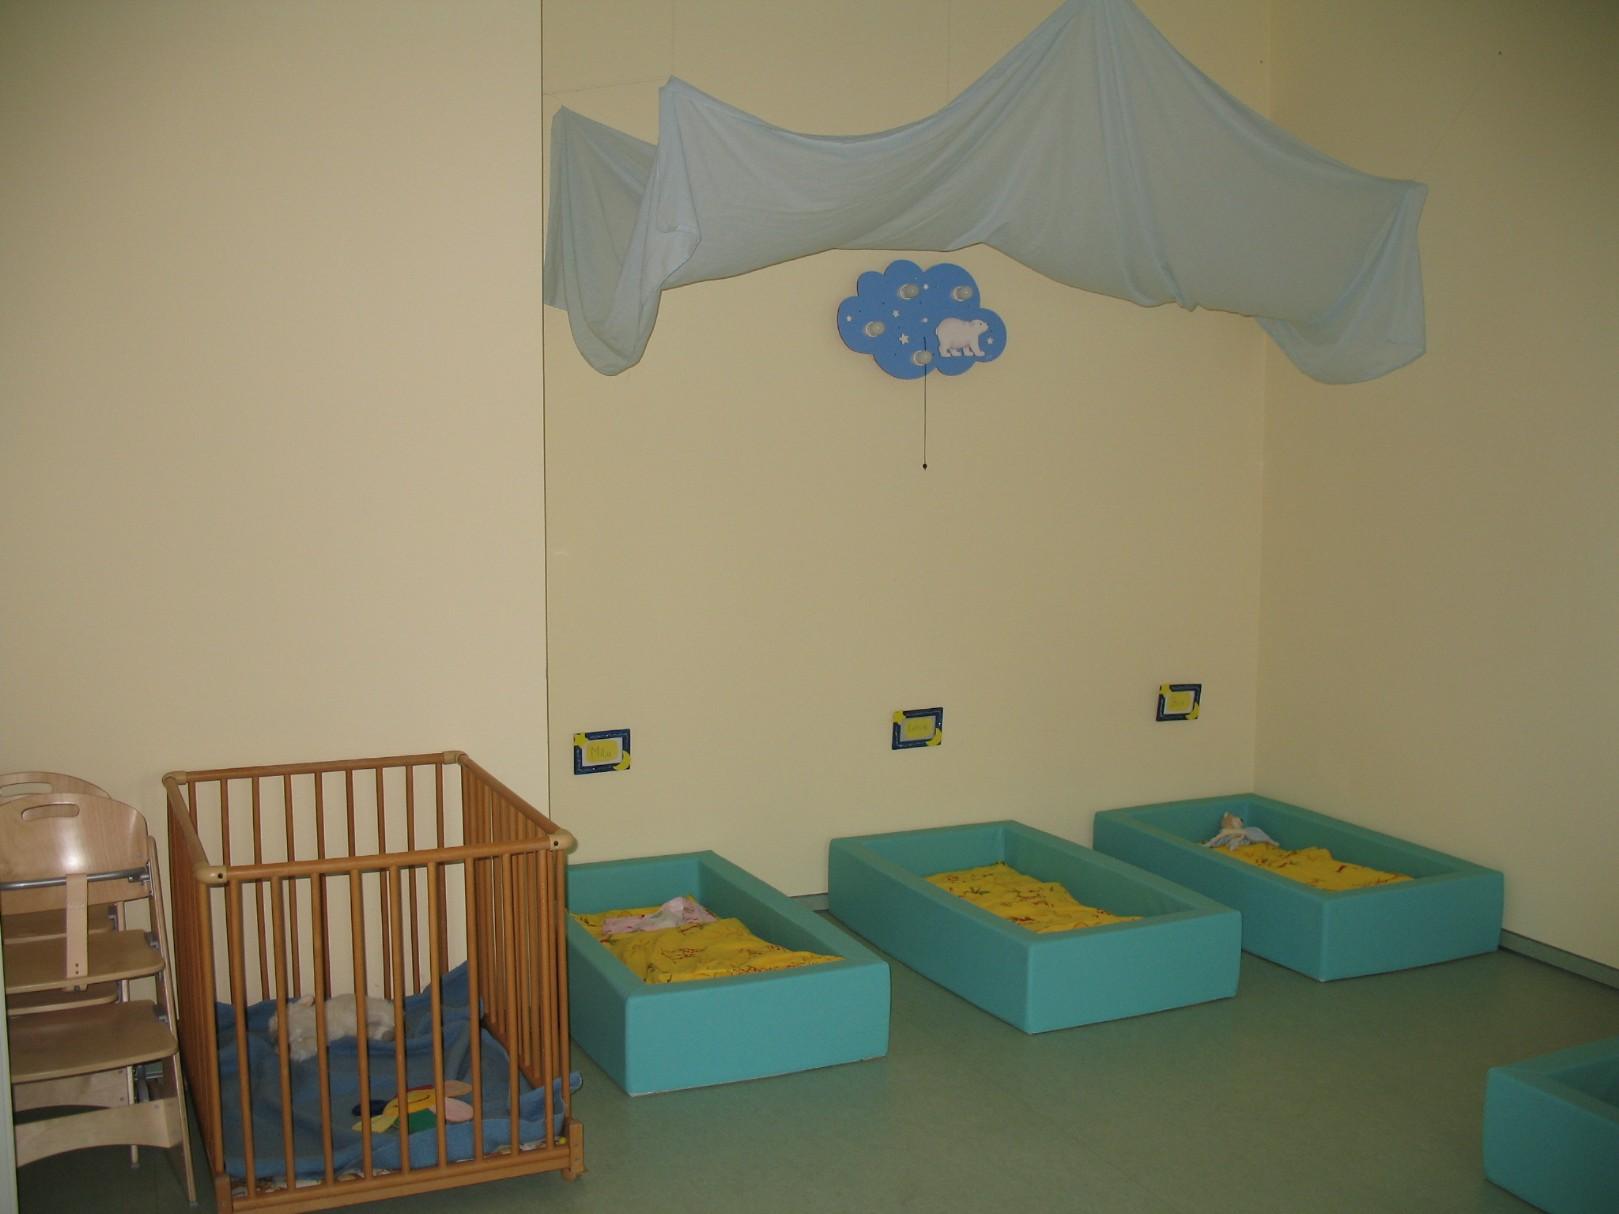 Schlafnester in der Kinderkrippe